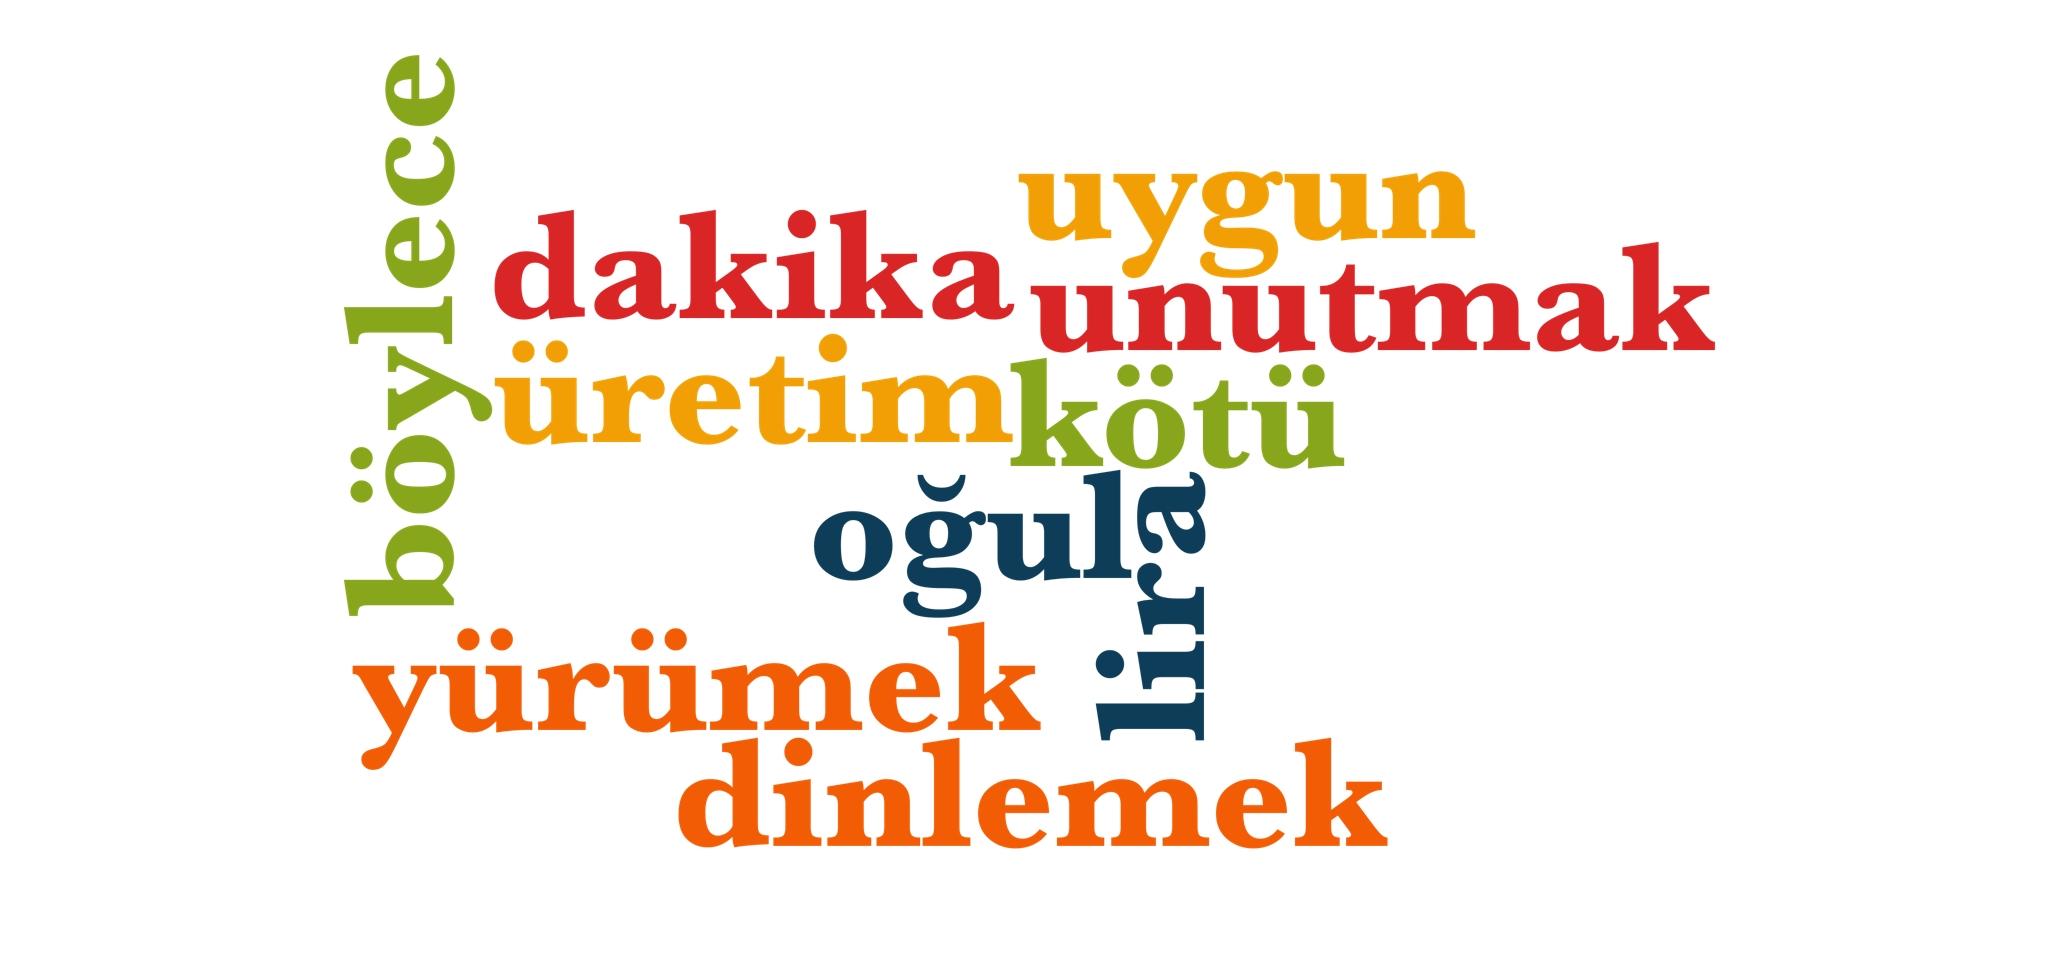 Wörter 341 bis 350 der 1000 häufigsten Wörter der türkischen Sprache